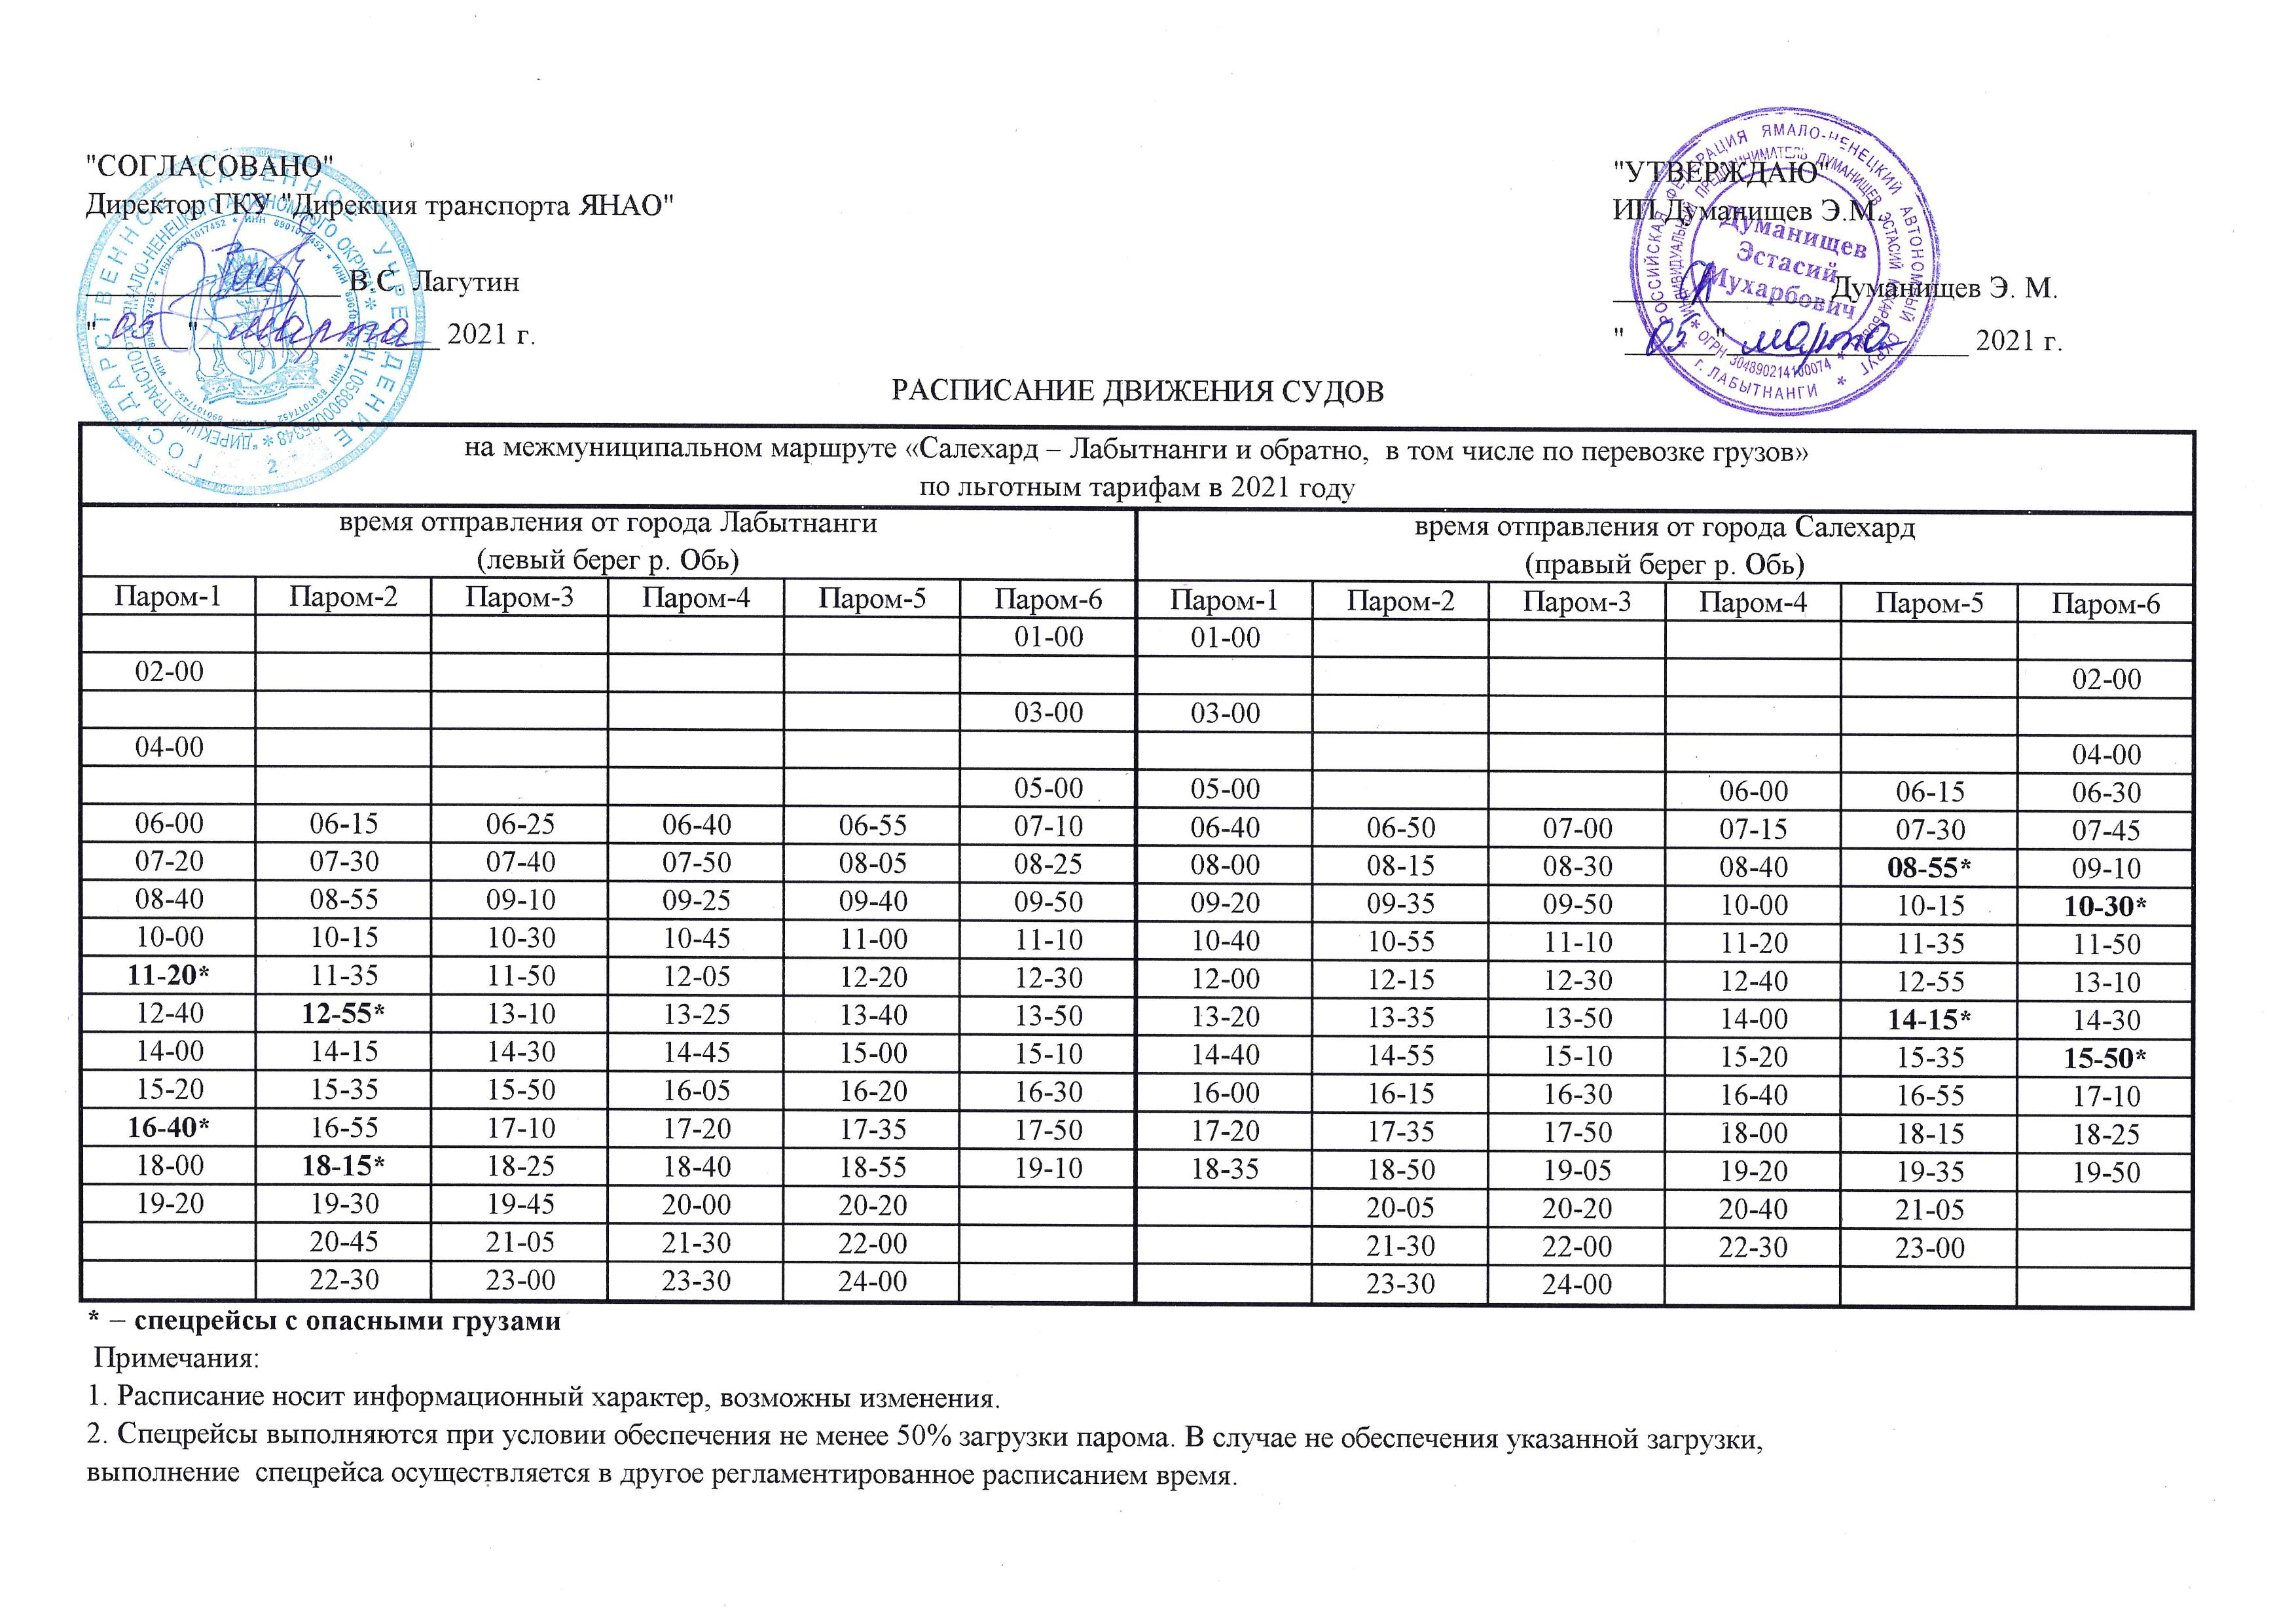 Расписание движения судов на переправе Салехард - Лабытнанги